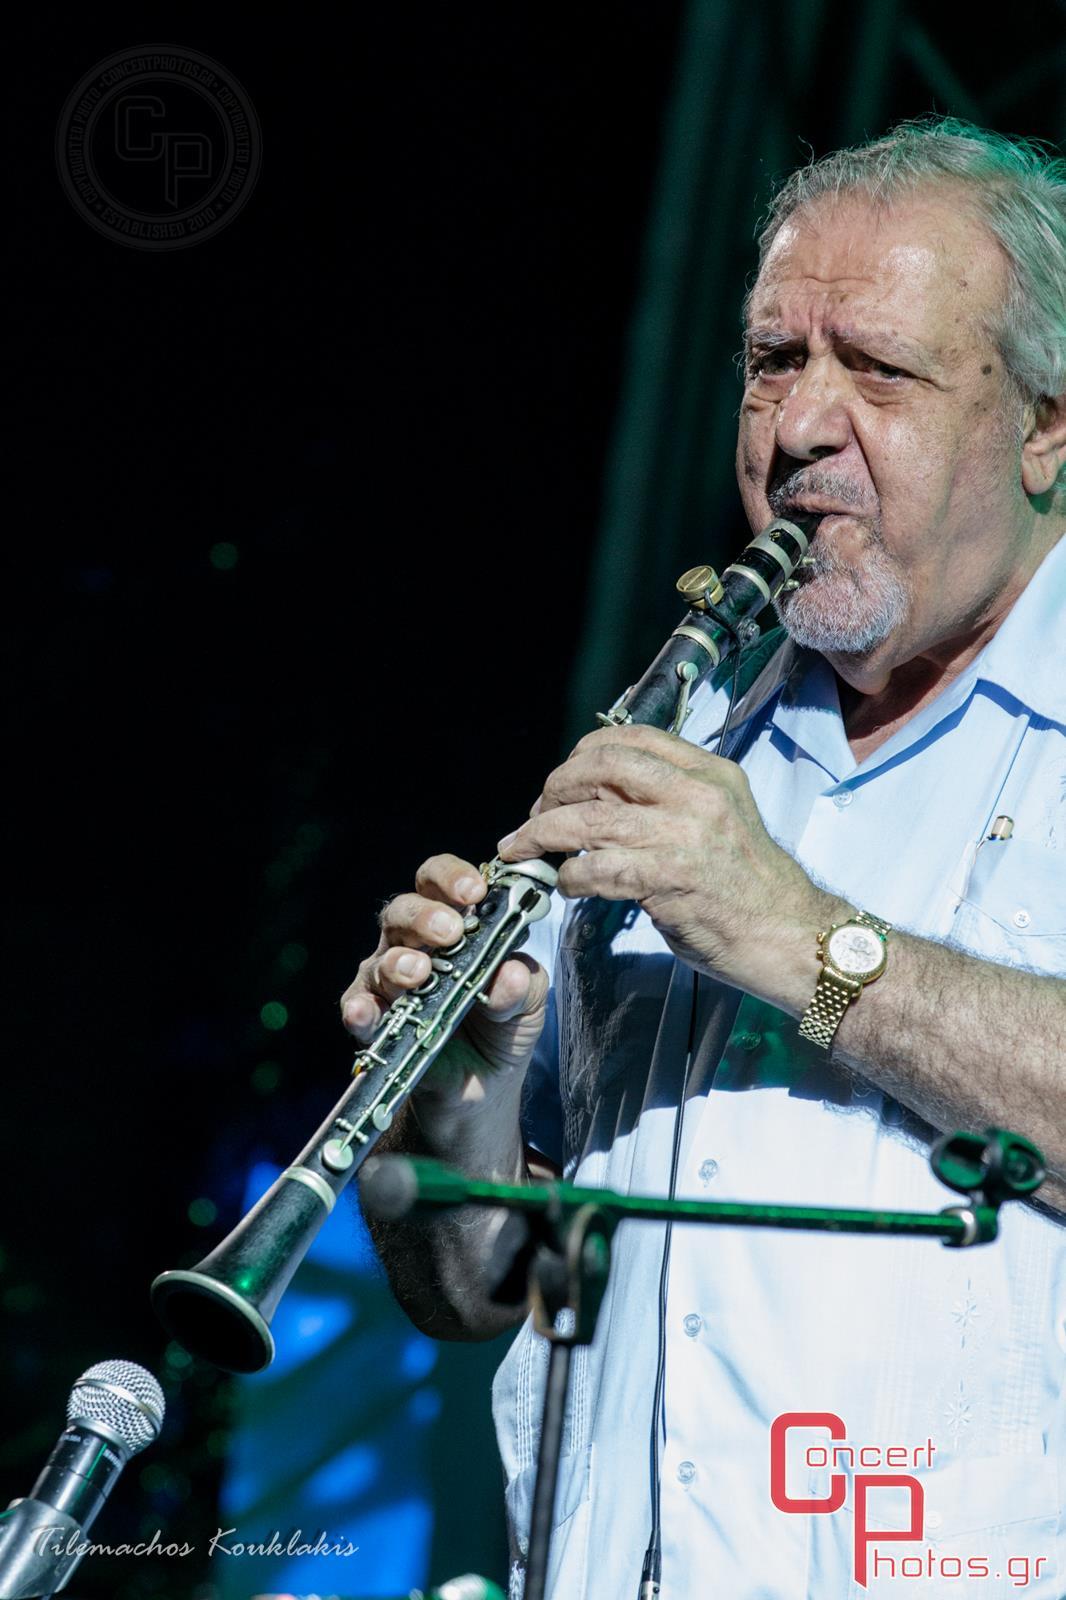 Μία συναυλία για τη Σχεδία 2014-Sxedia 2014 photographer:  - concertphotos_20140530_20_13_30-7